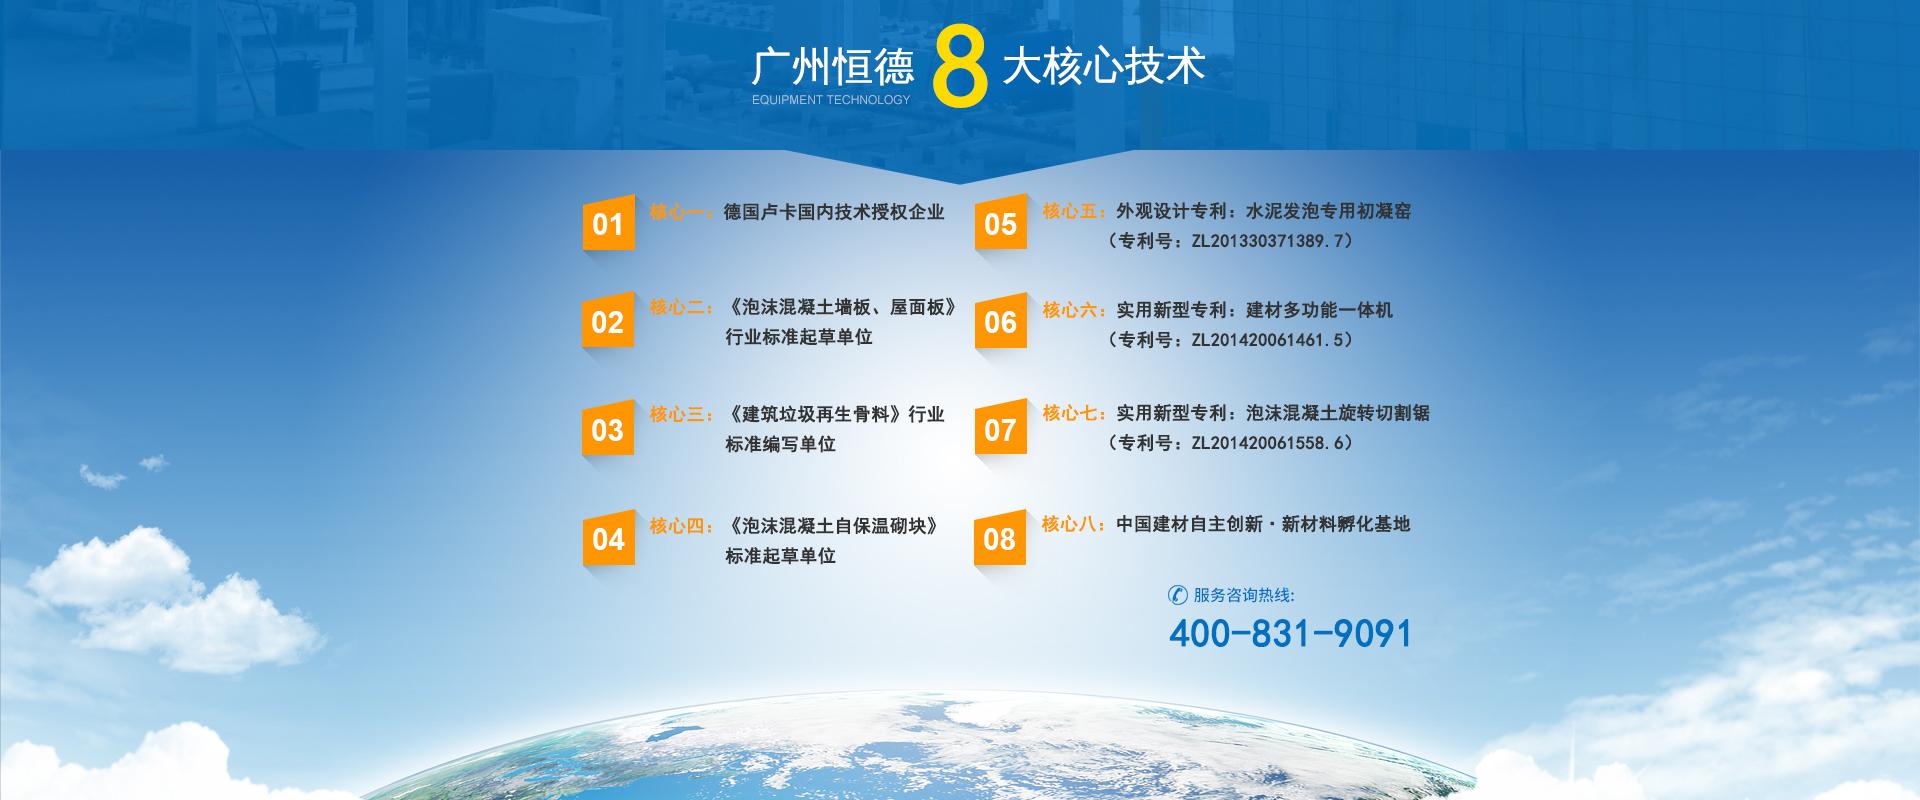 廣州恒德設備的7大核心技術